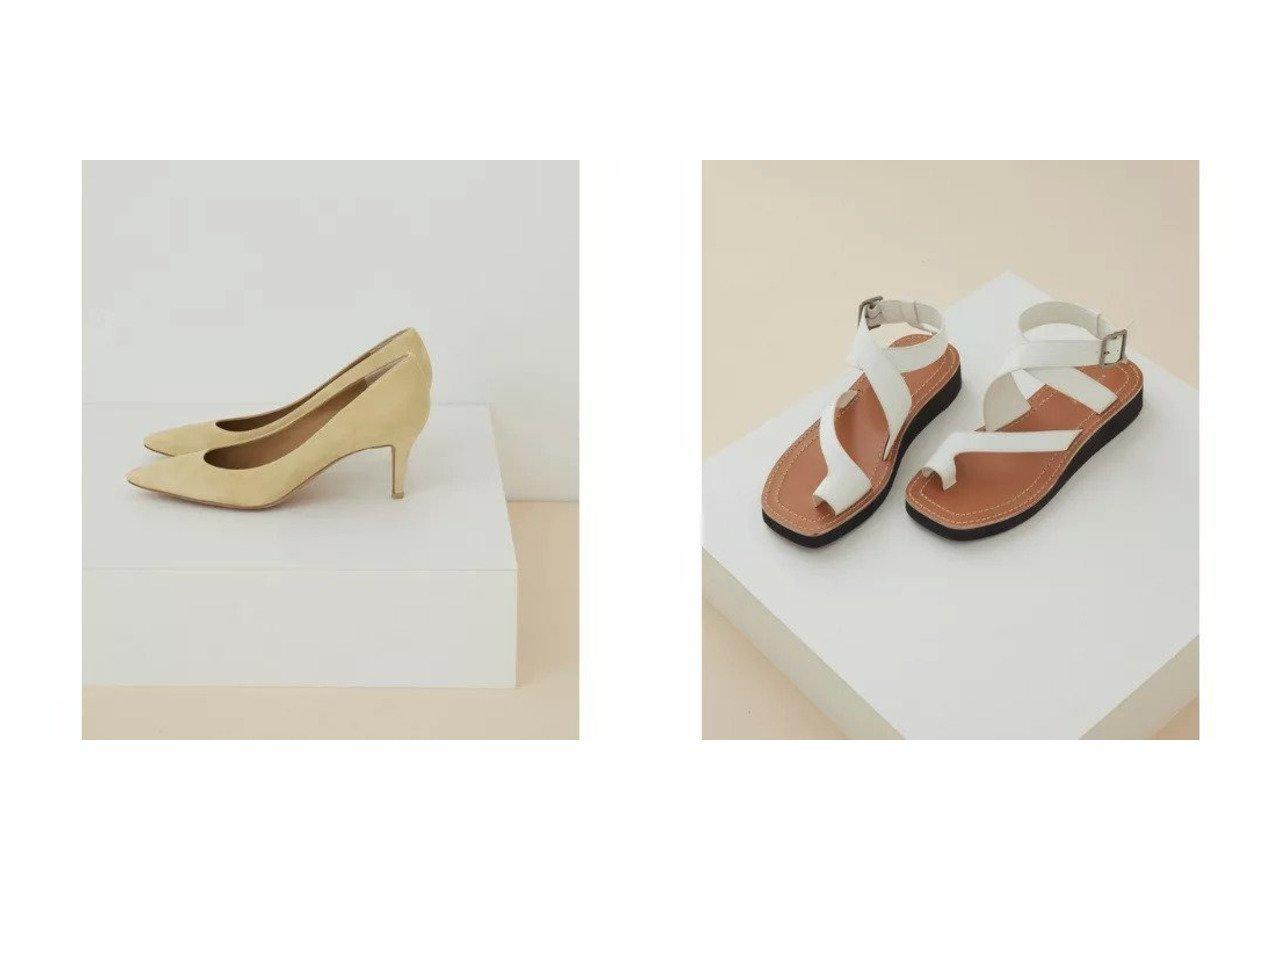 【ADAM ET ROPE'/アダム エ ロペ】のレザーポインテッドパンプス&アシンメトングベルテッドサンダル 【シューズ・靴】おすすめ!人気、トレンド・レディースファッションの通販 おすすめで人気の流行・トレンド、ファッションの通販商品 メンズファッション・キッズファッション・インテリア・家具・レディースファッション・服の通販 founy(ファニー) https://founy.com/ ファッション Fashion レディースファッション WOMEN 厚底 春 Spring サンダル シューズ スラックス ワイド 2021年 2021 S/S・春夏 SS・Spring/Summer 2021春夏・S/S SS/Spring/Summer/2021 おすすめ Recommend |ID:crp329100000028392